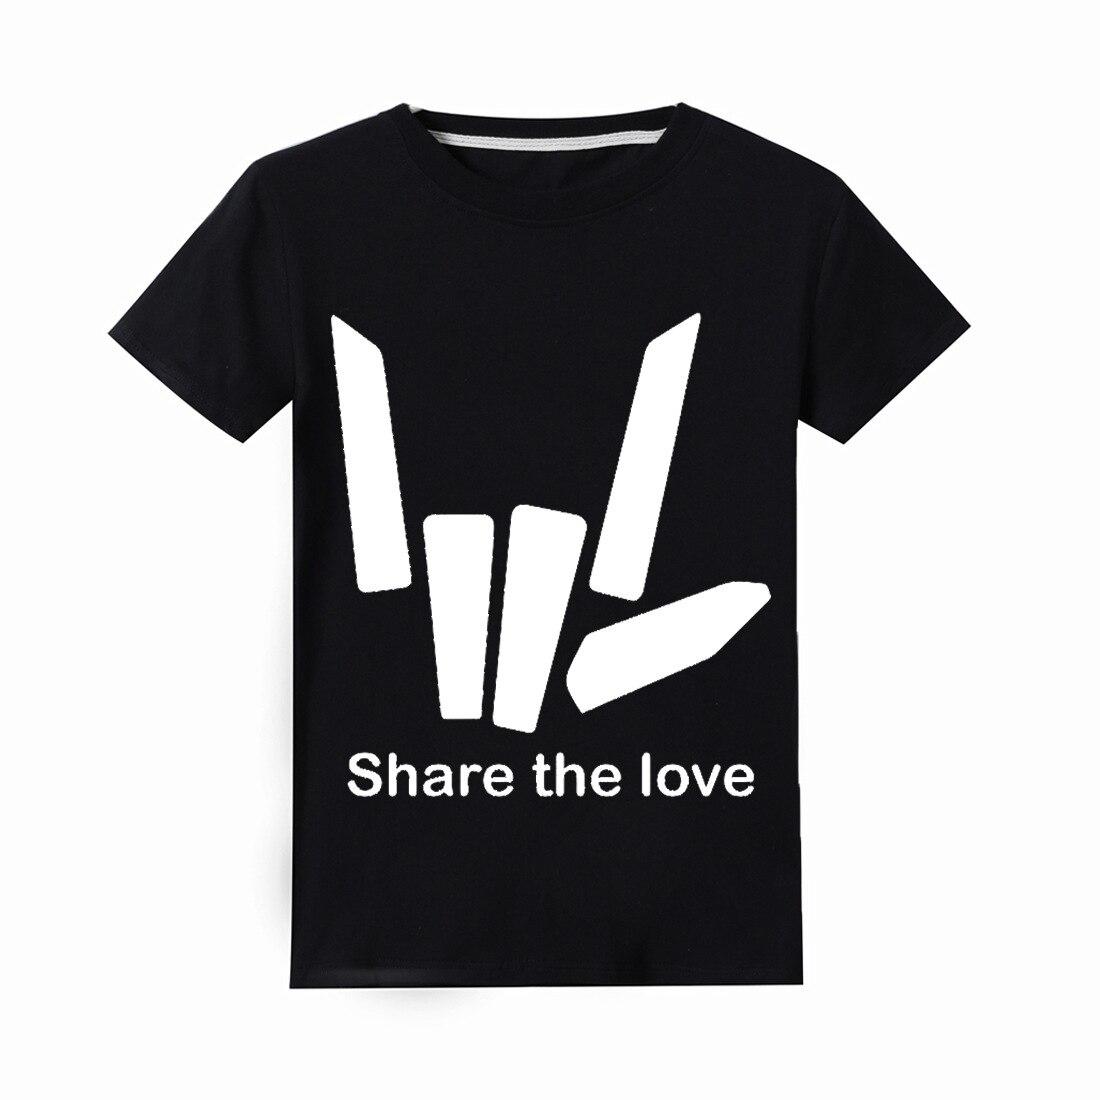 Alan Walker/детская одежда для мальчиков детские футболки с короткими рукавами футболка с цветочным принтом «Share the love» топы для девочек